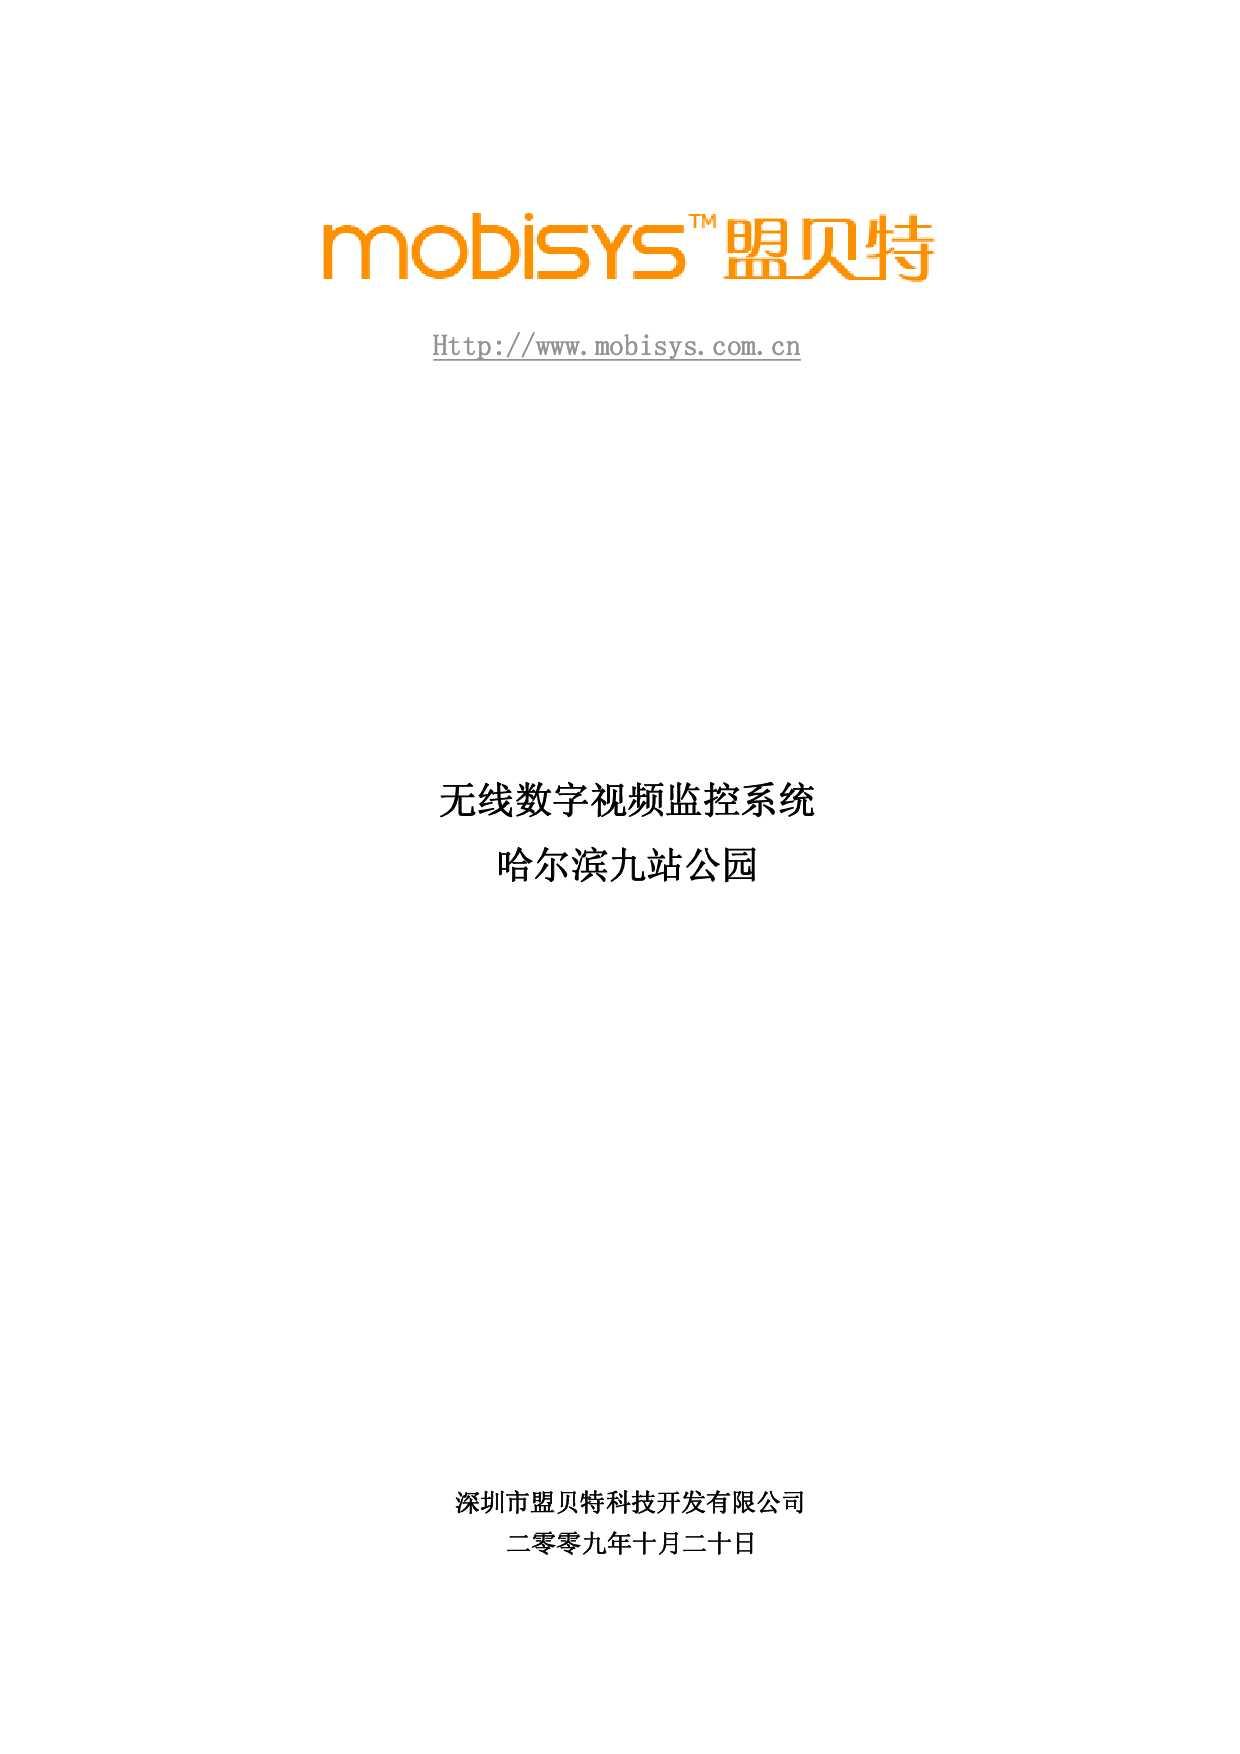 哈尔滨九站视频数字公园无线监控系统视频飞车火箭图片